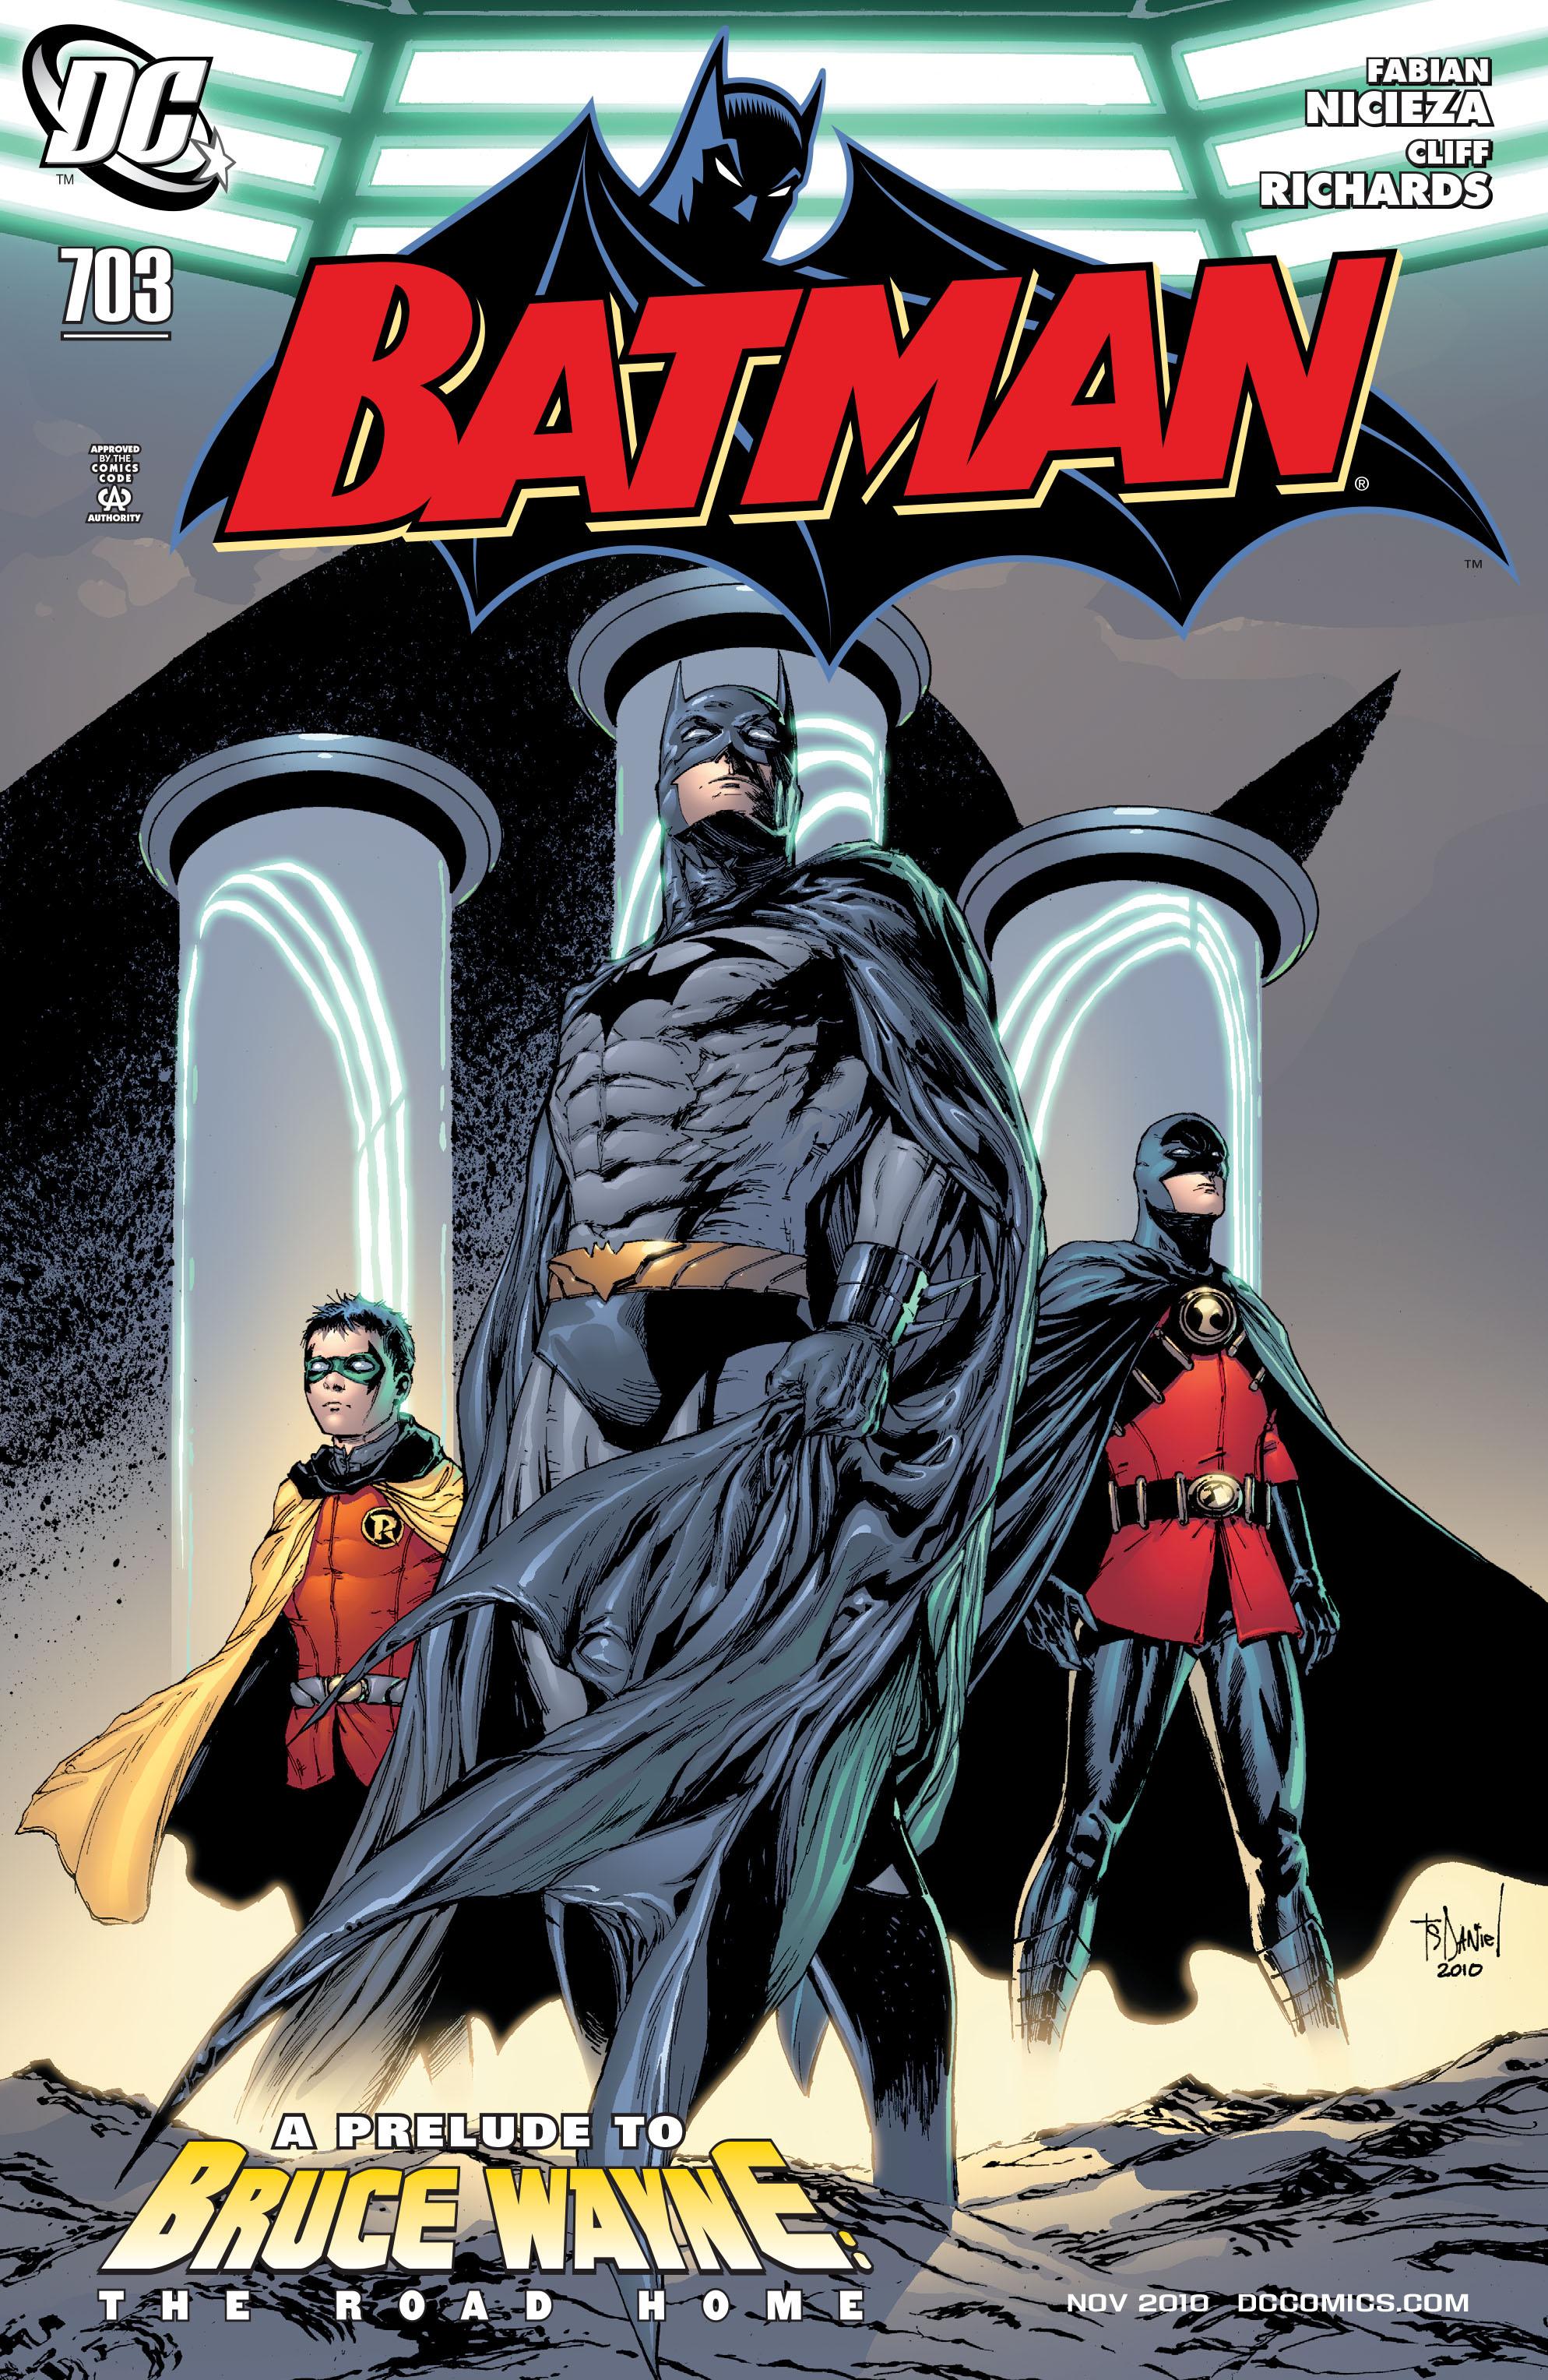 Batman (1940) 703 Page 1